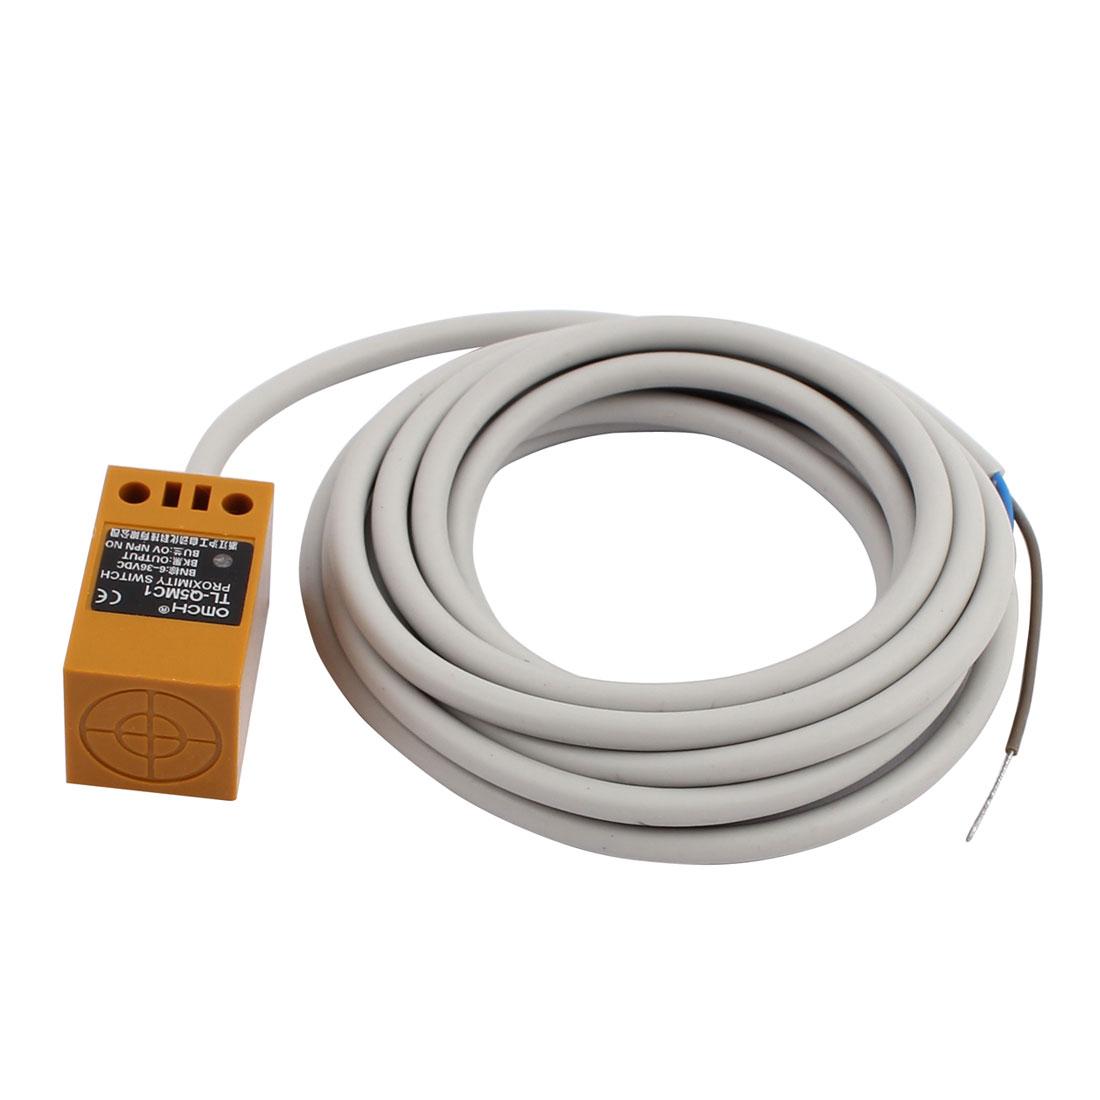 TL-Q5MC1 DC 6-36V 200mA NPN NO 5mm Inductive Proximity Sensor Switch 3-wire